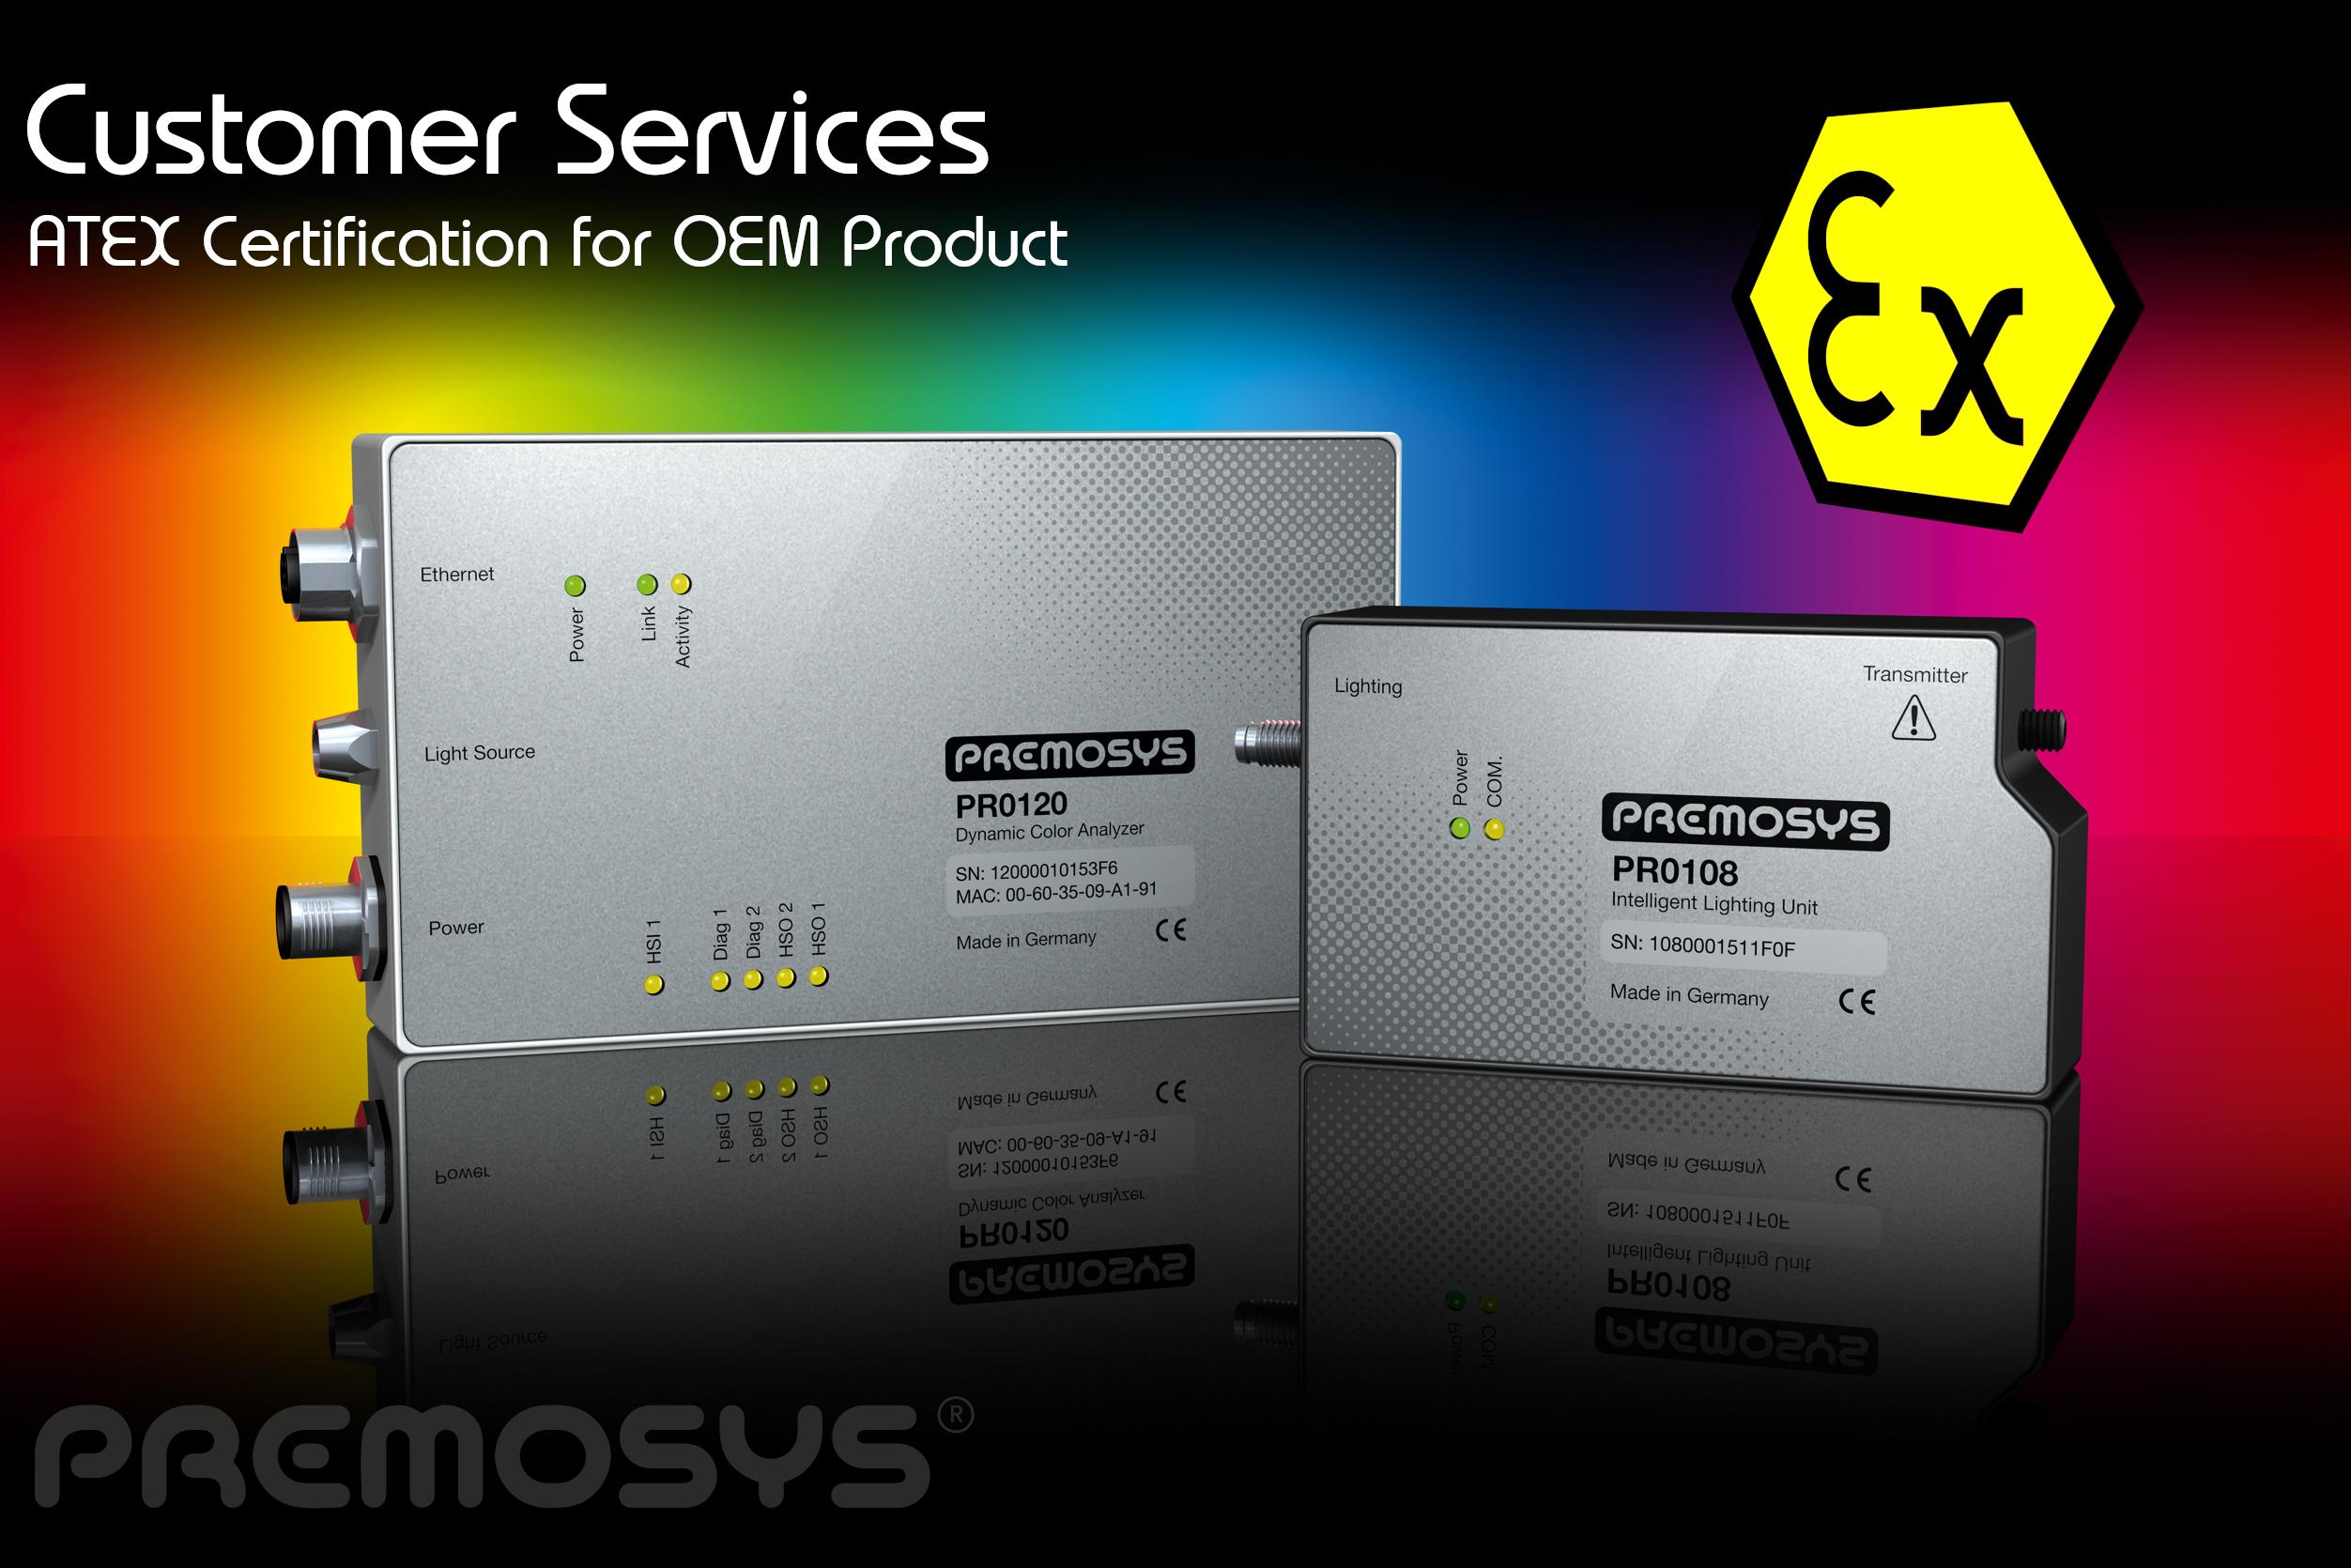 ATEX Zertifizierung aller Premosys Produkte auf Kundenwunsch